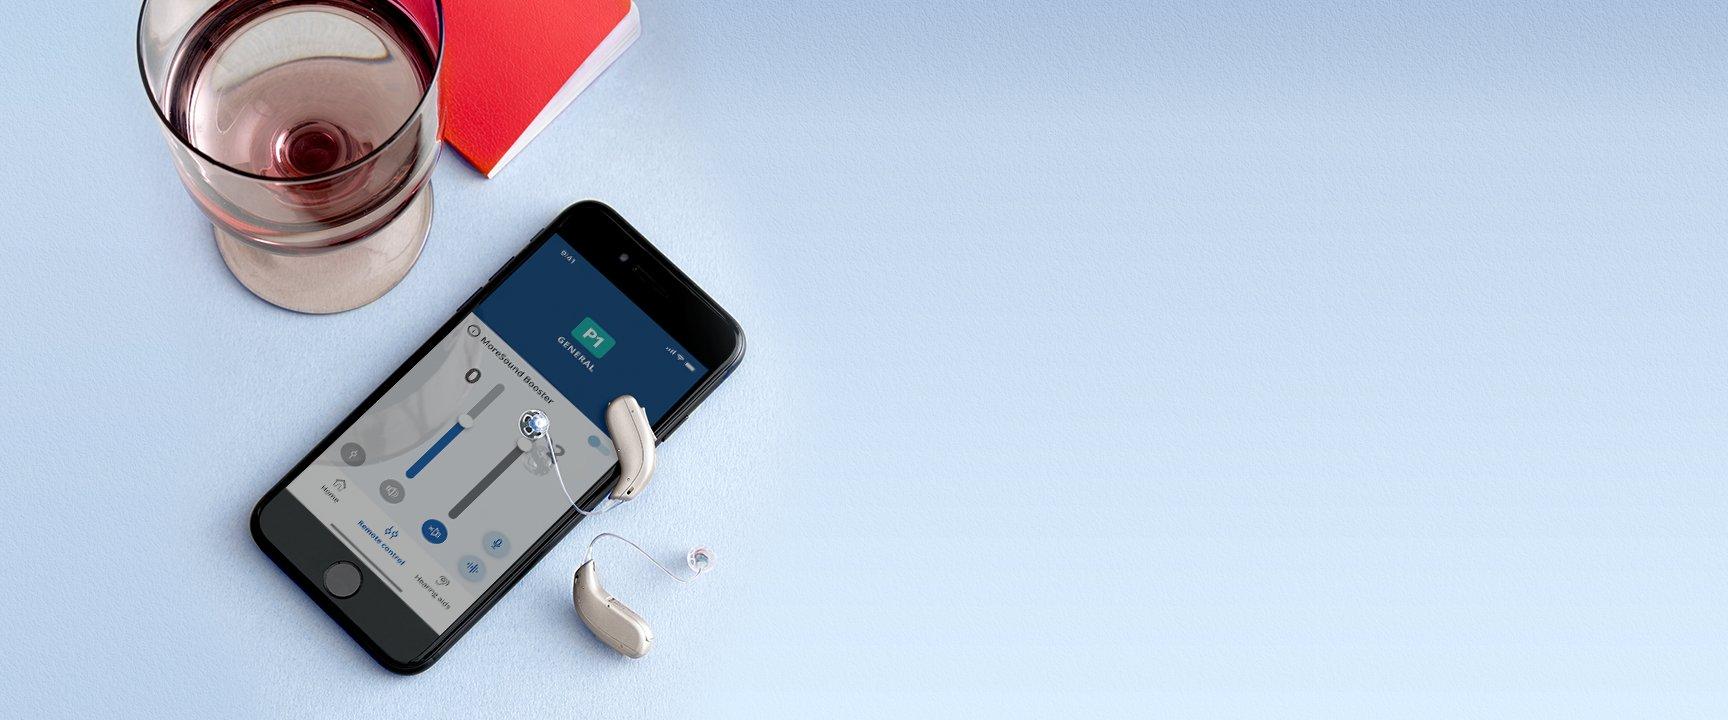 Audika Full prova gratuita degli apparecchi acustici